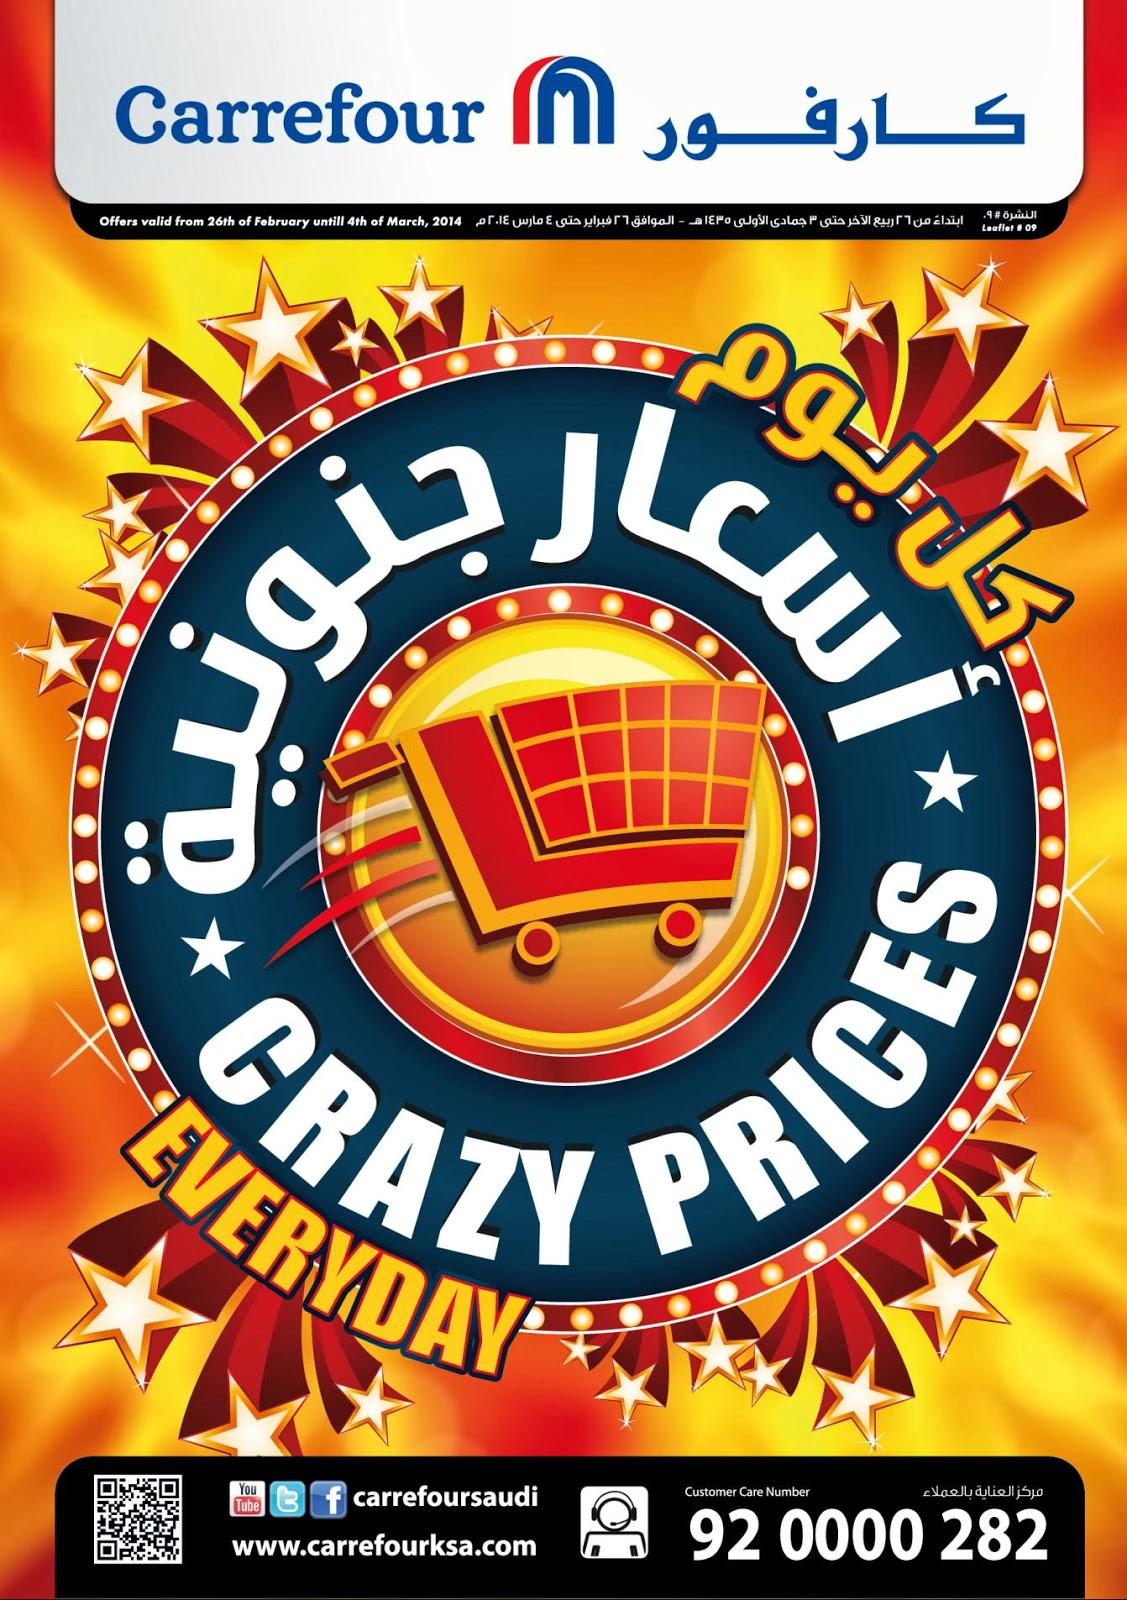 عرض اسعار جنونية فى كارفور السعودية حتى 4 مارس 2014